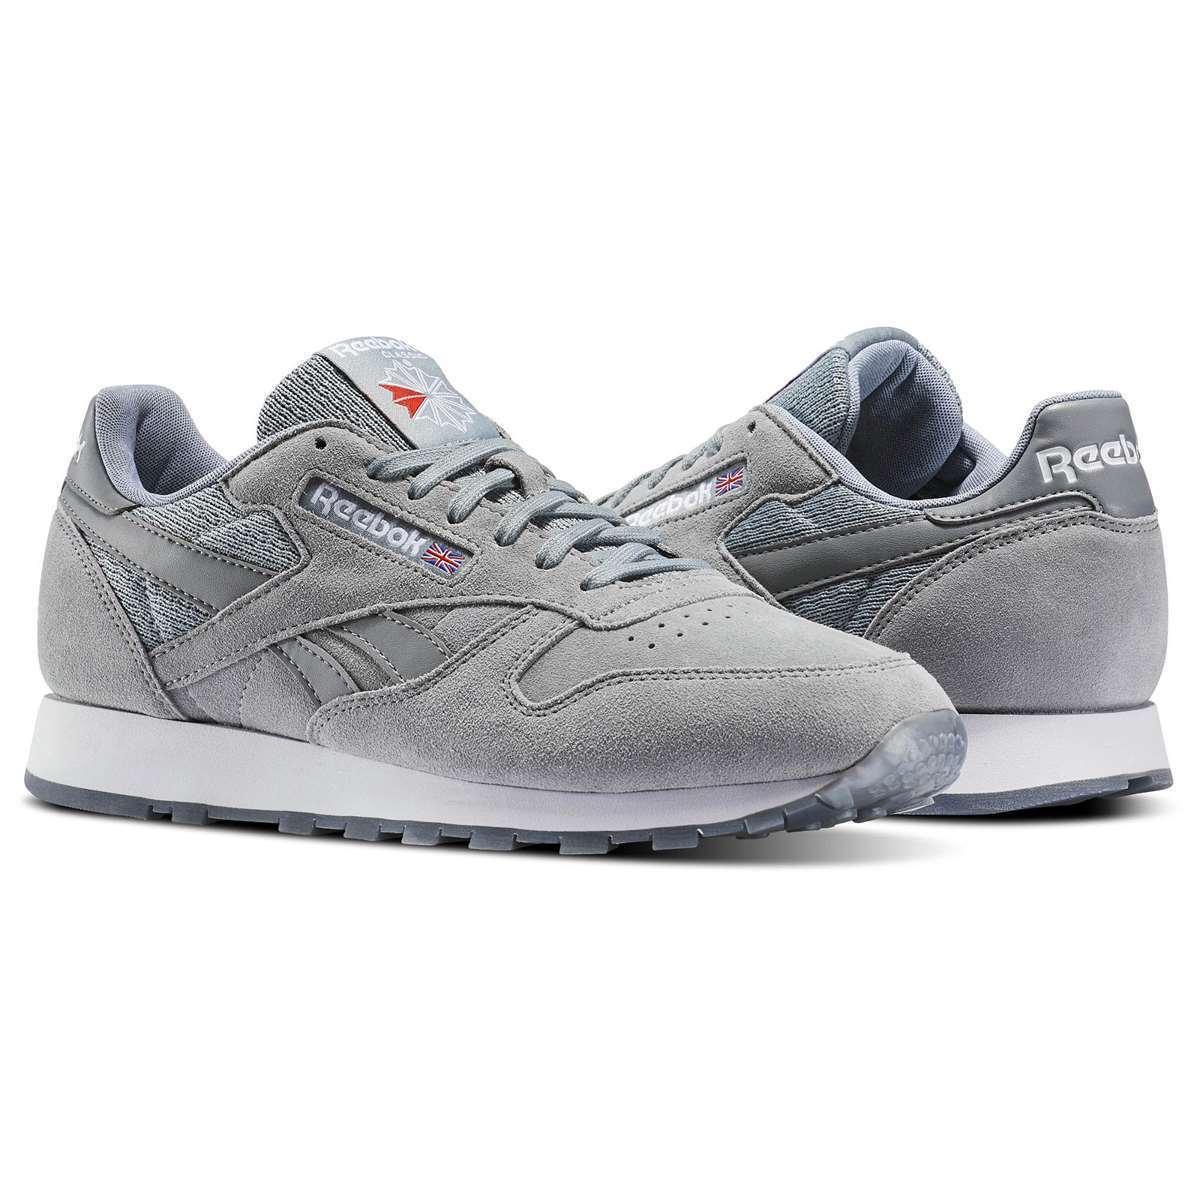 La retro reebok uomini nuovi cl classico pelle retro La 'conforto scarpe scarpe casual 602a5e